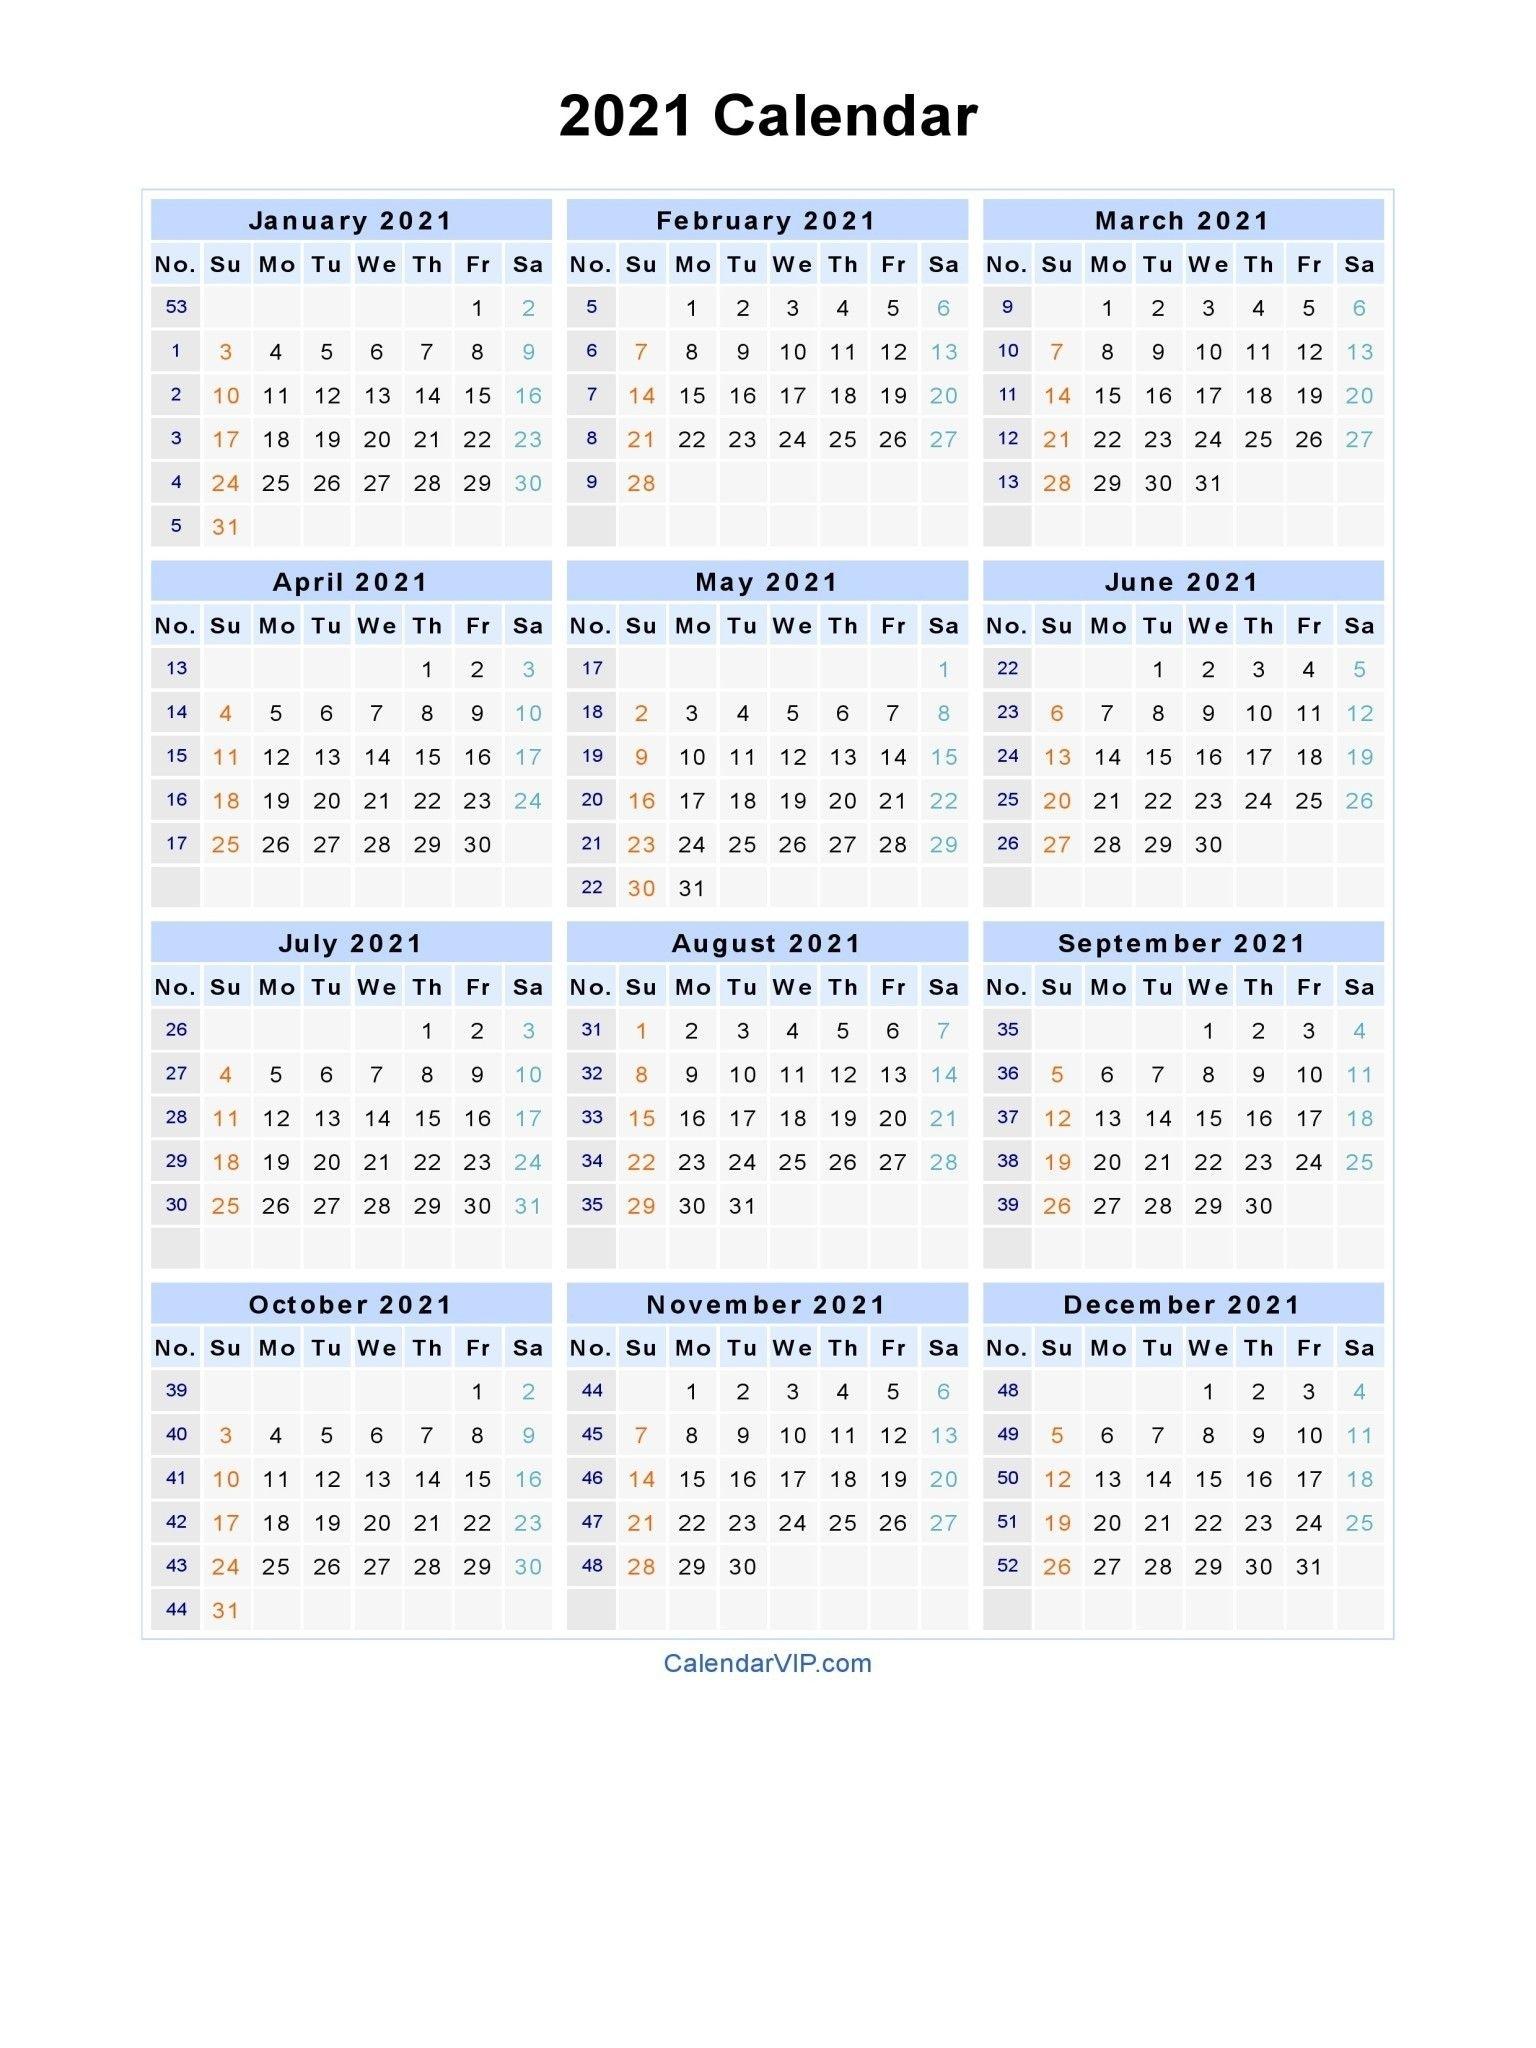 2021 Calendar With Week Numbers Excel Full - Encouraged In